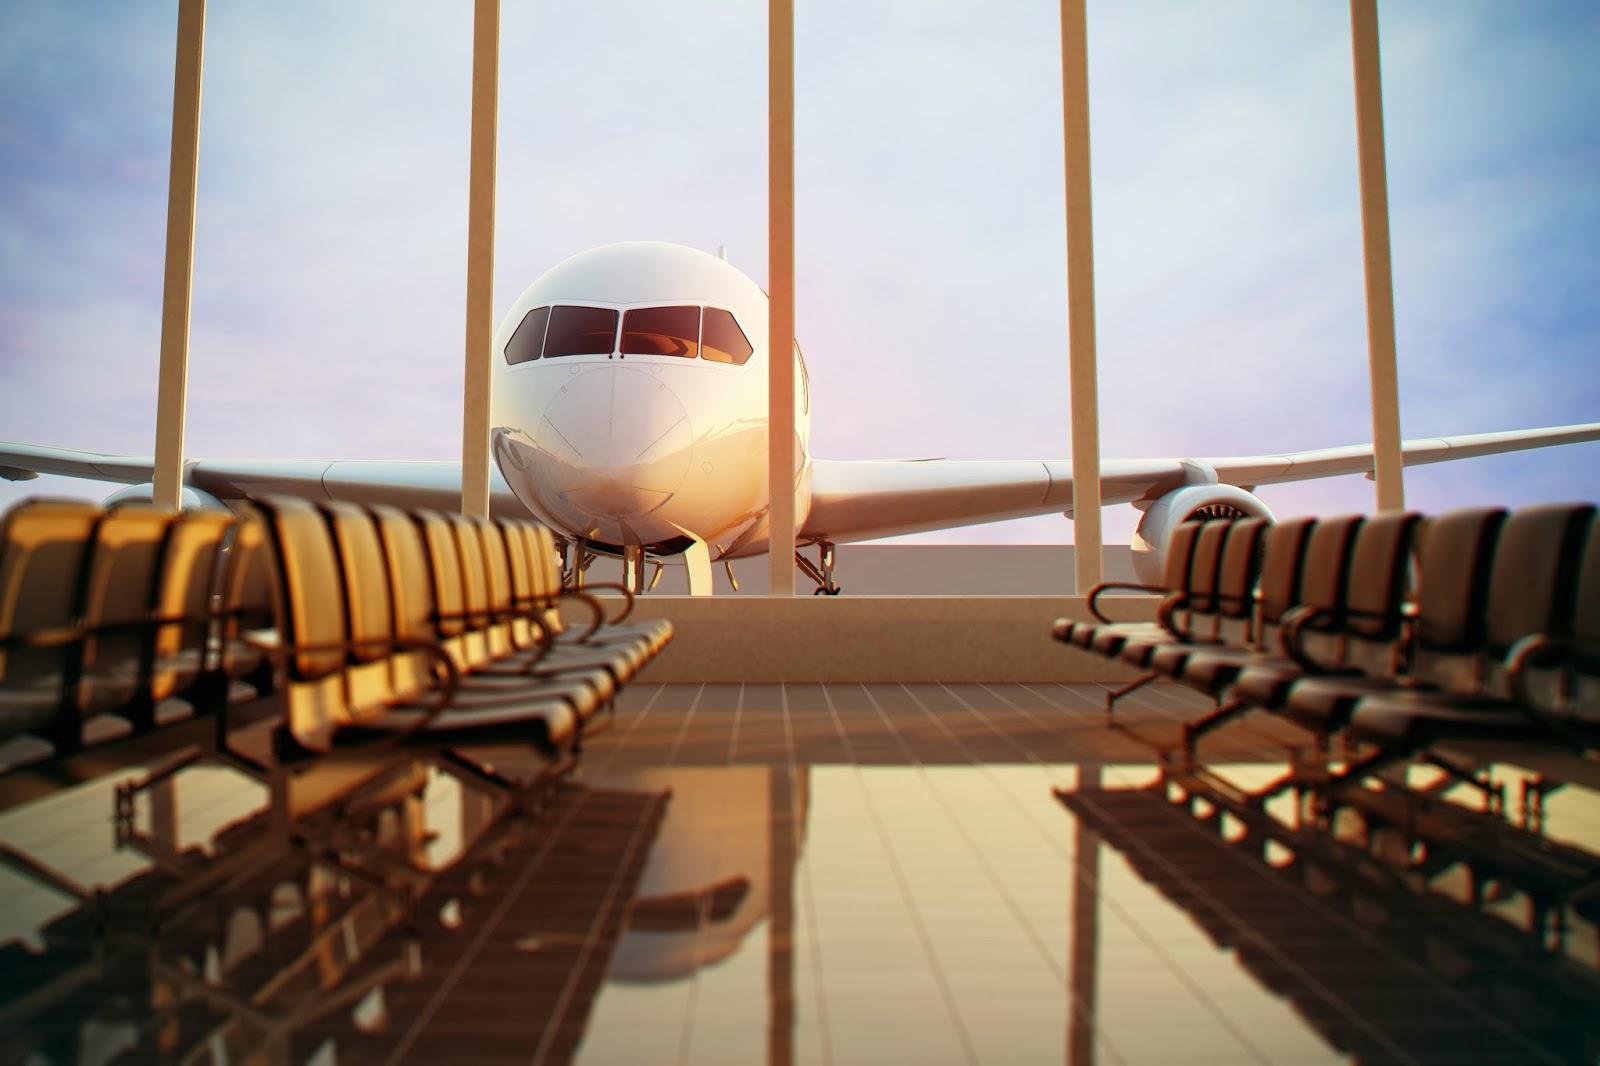 В Тбилисском международном аэропорту состоится закладка нового терминала